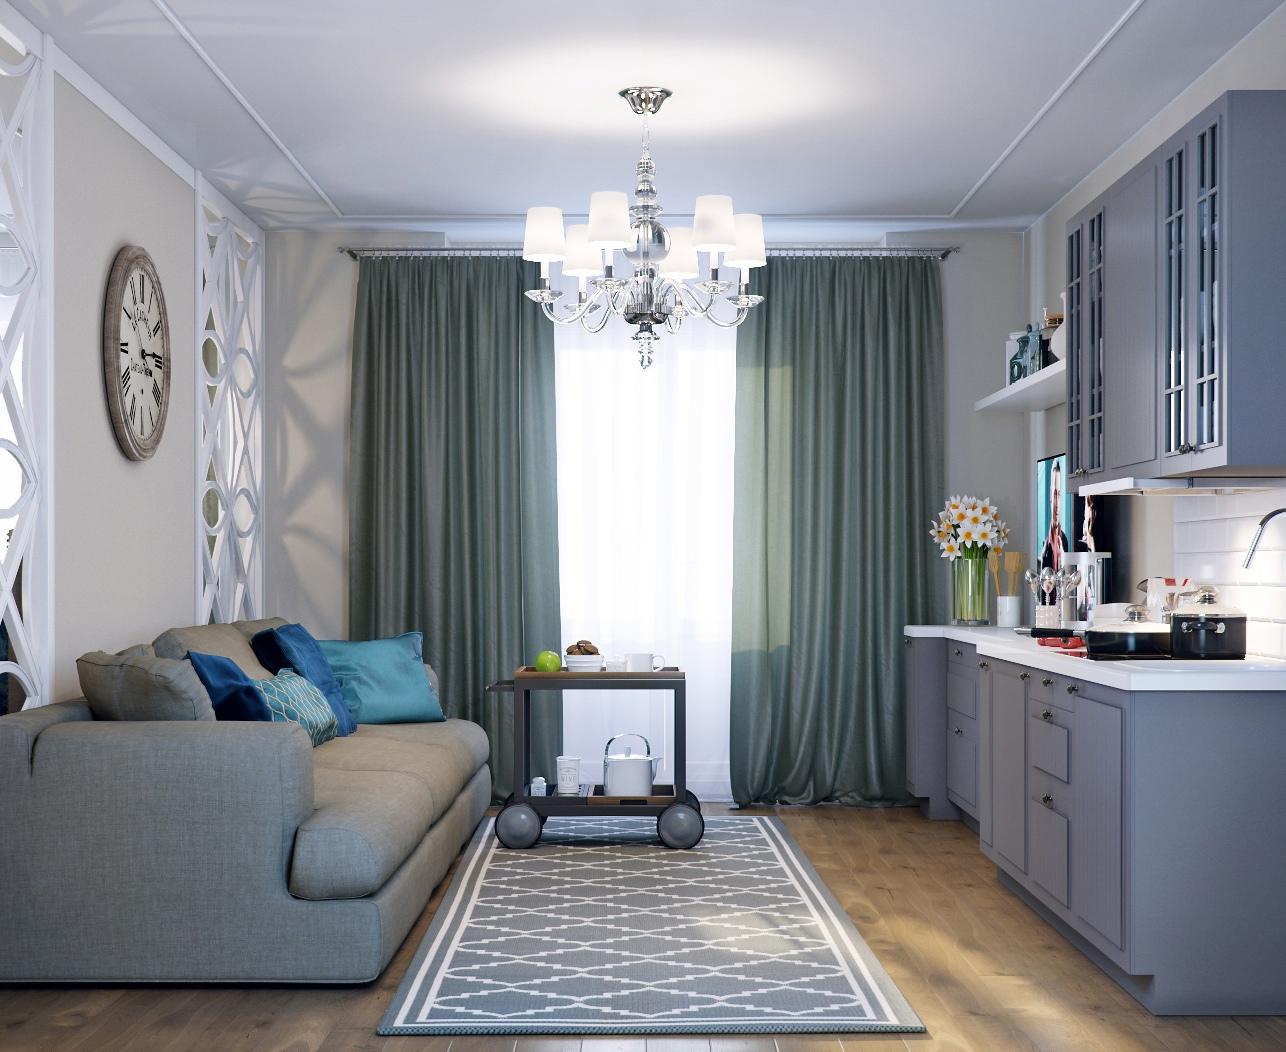 Проект квартиры-студии в гостевом доме, Краснодарский край.